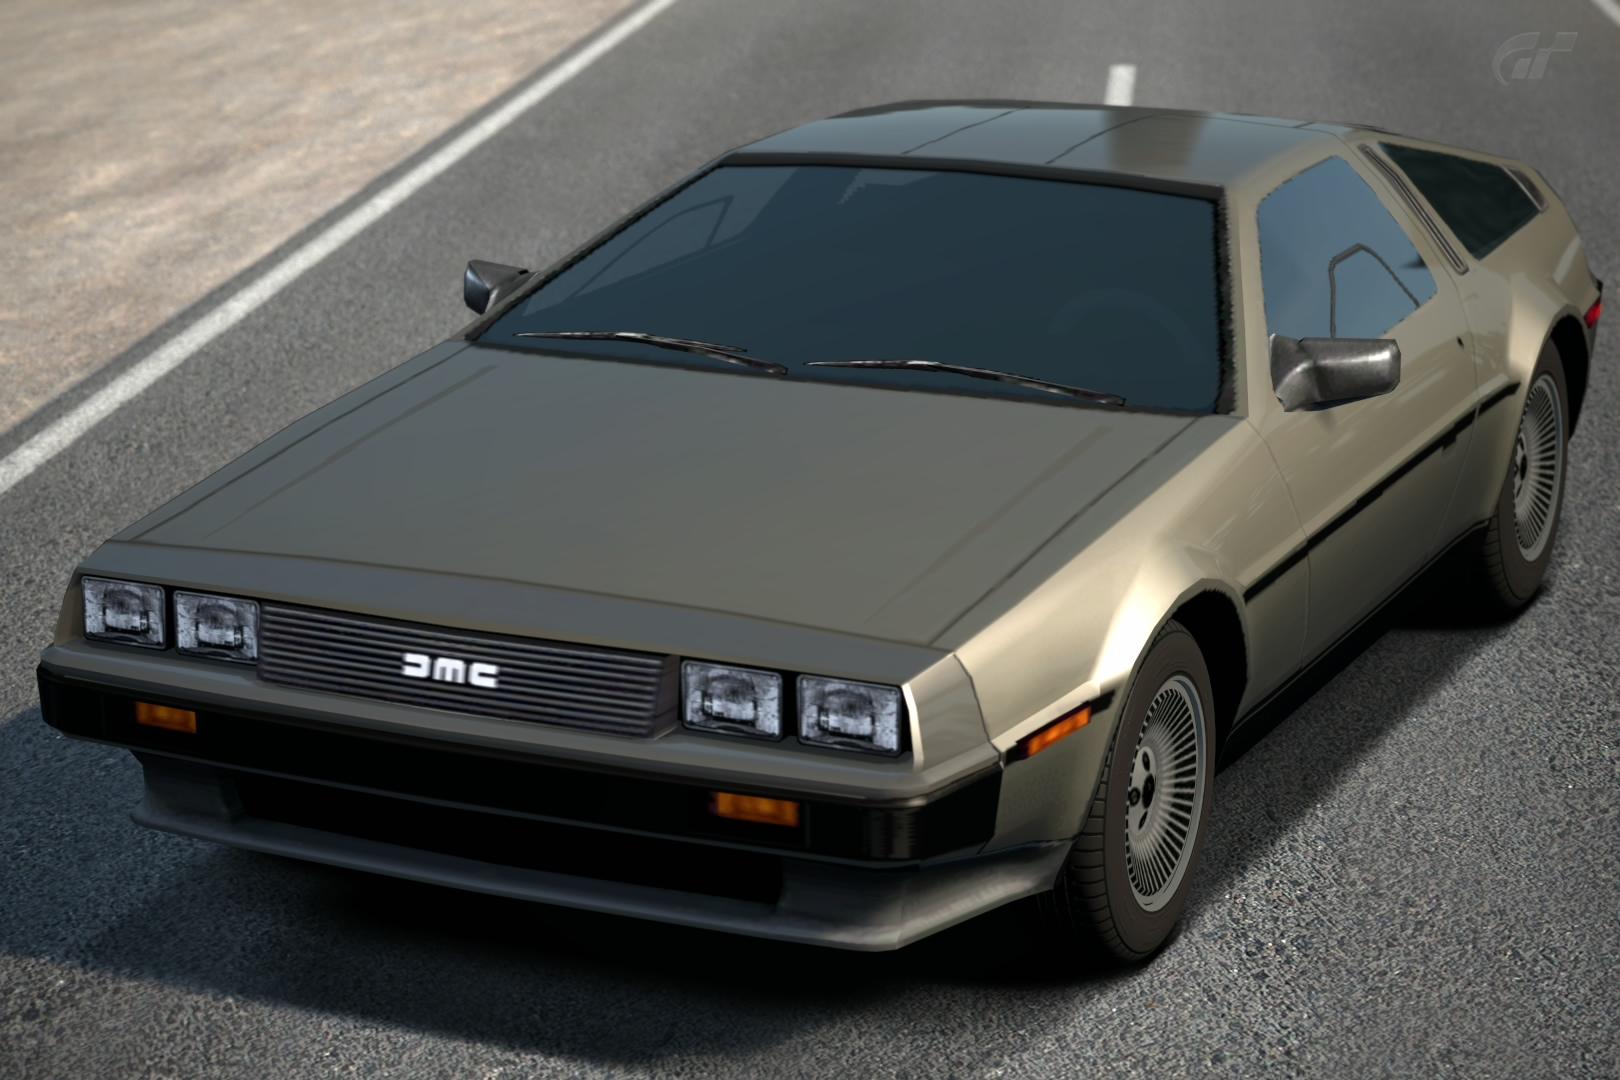 Dmc Delorean S2 04 Gran Turismo Wiki Fandom Powered